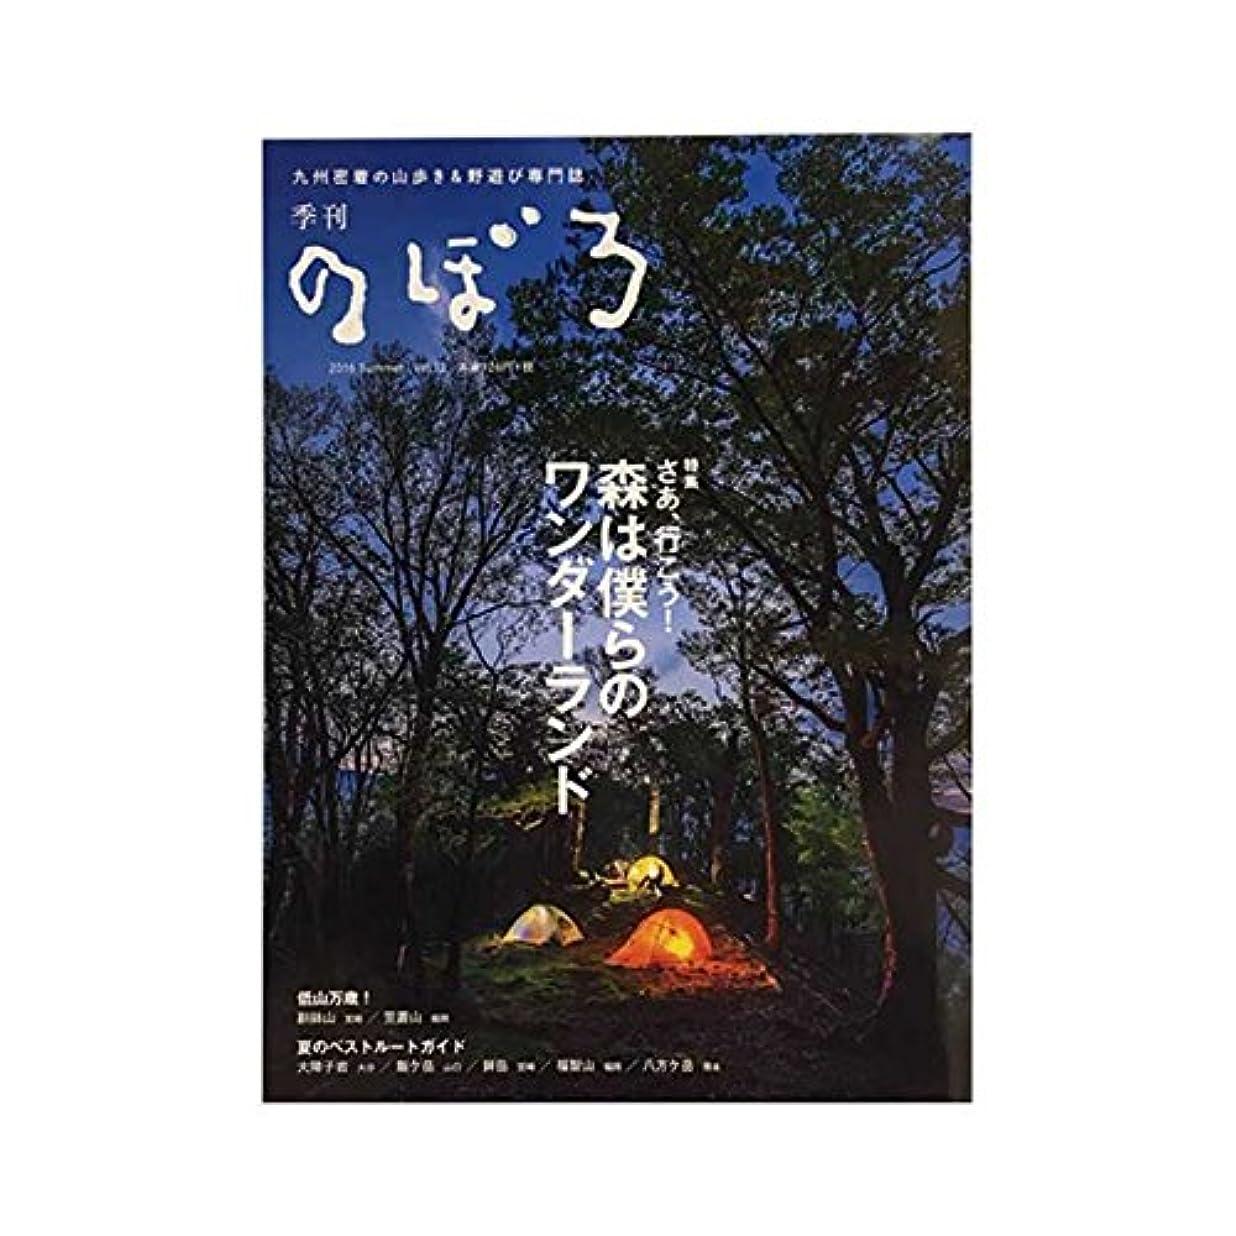 静的嫌がらせ育成西日本新聞社(西日本新聞社) 季刊のぼろ vol.13 2016 夏